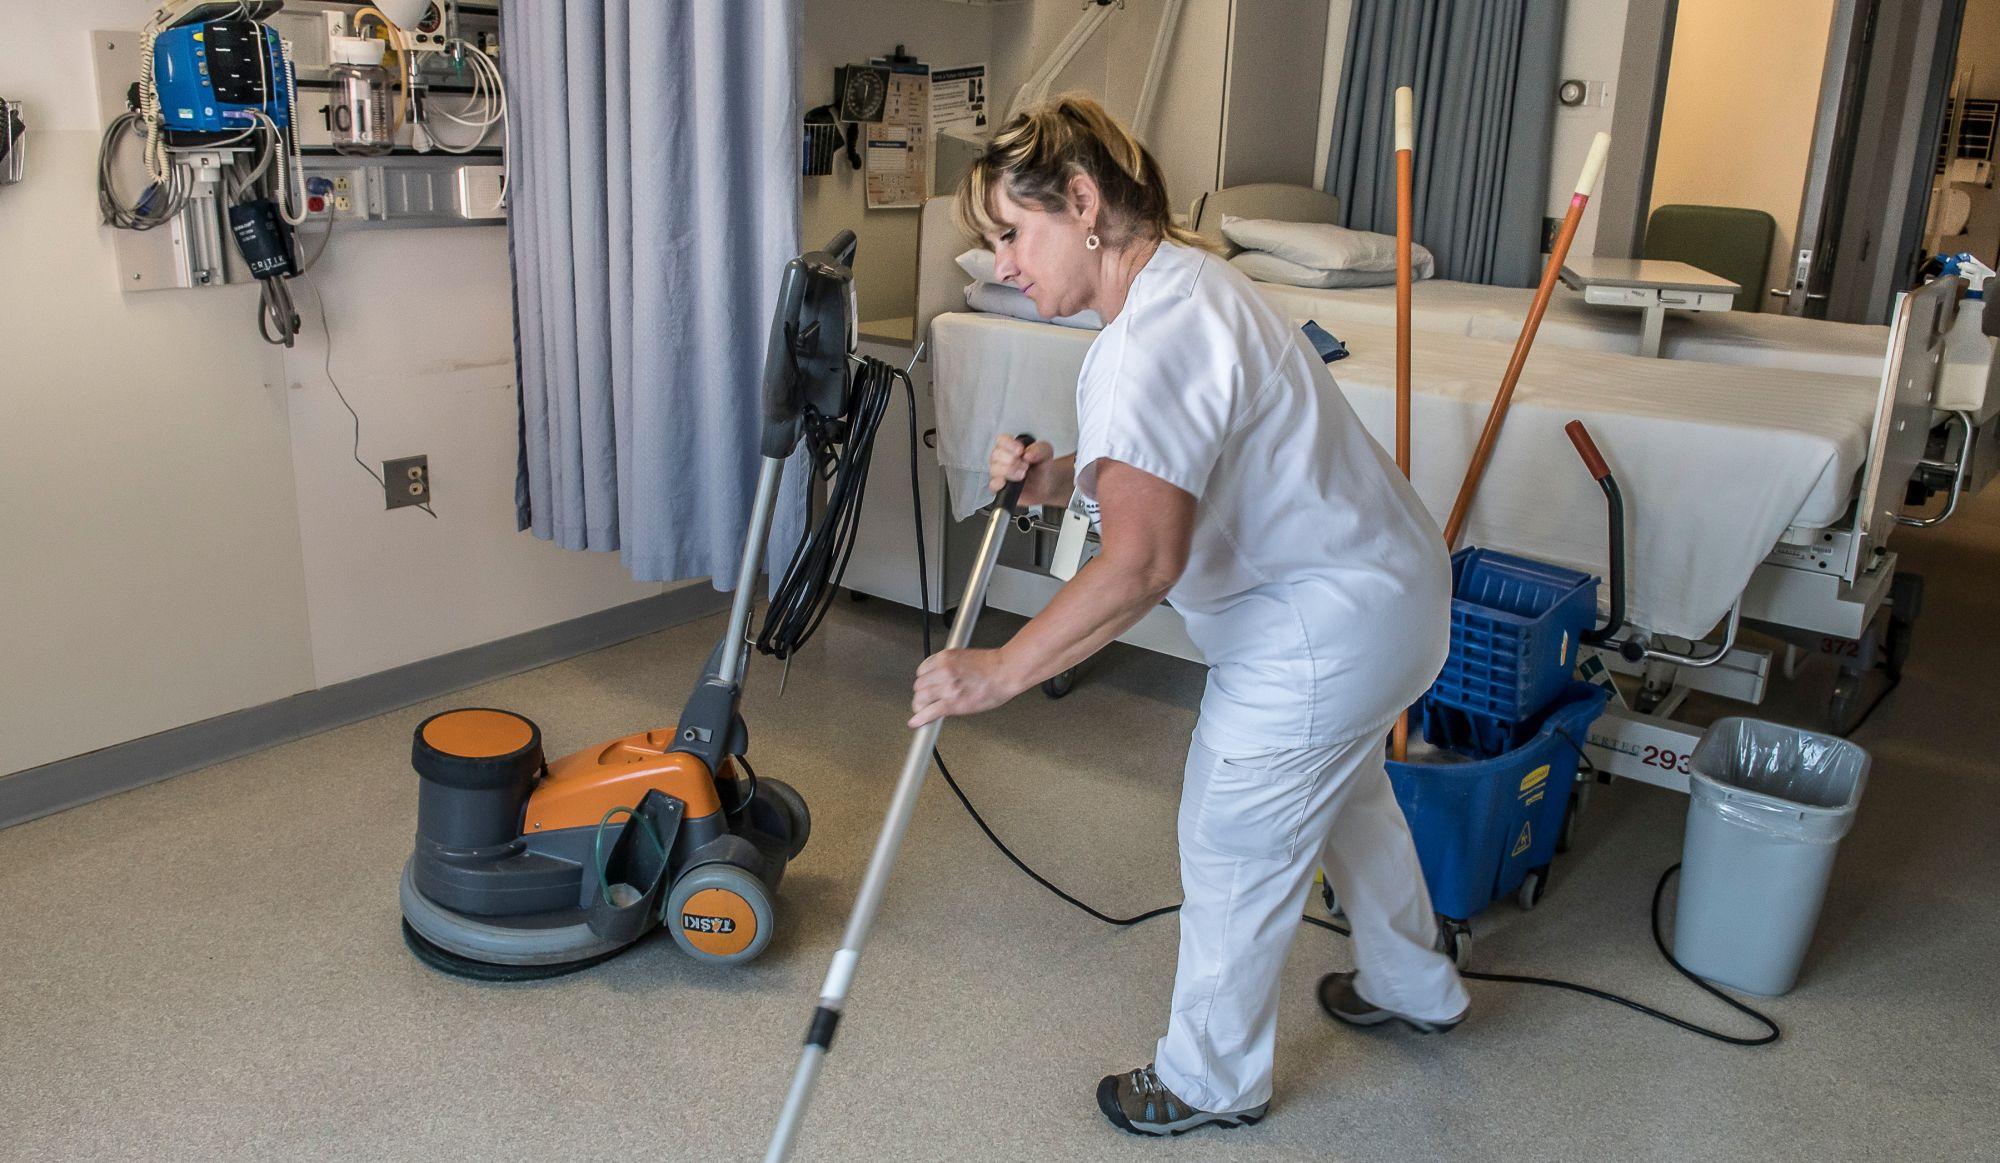 Hygiène et salubrité: compressions à l'Hôpital régional de St-Jérôme